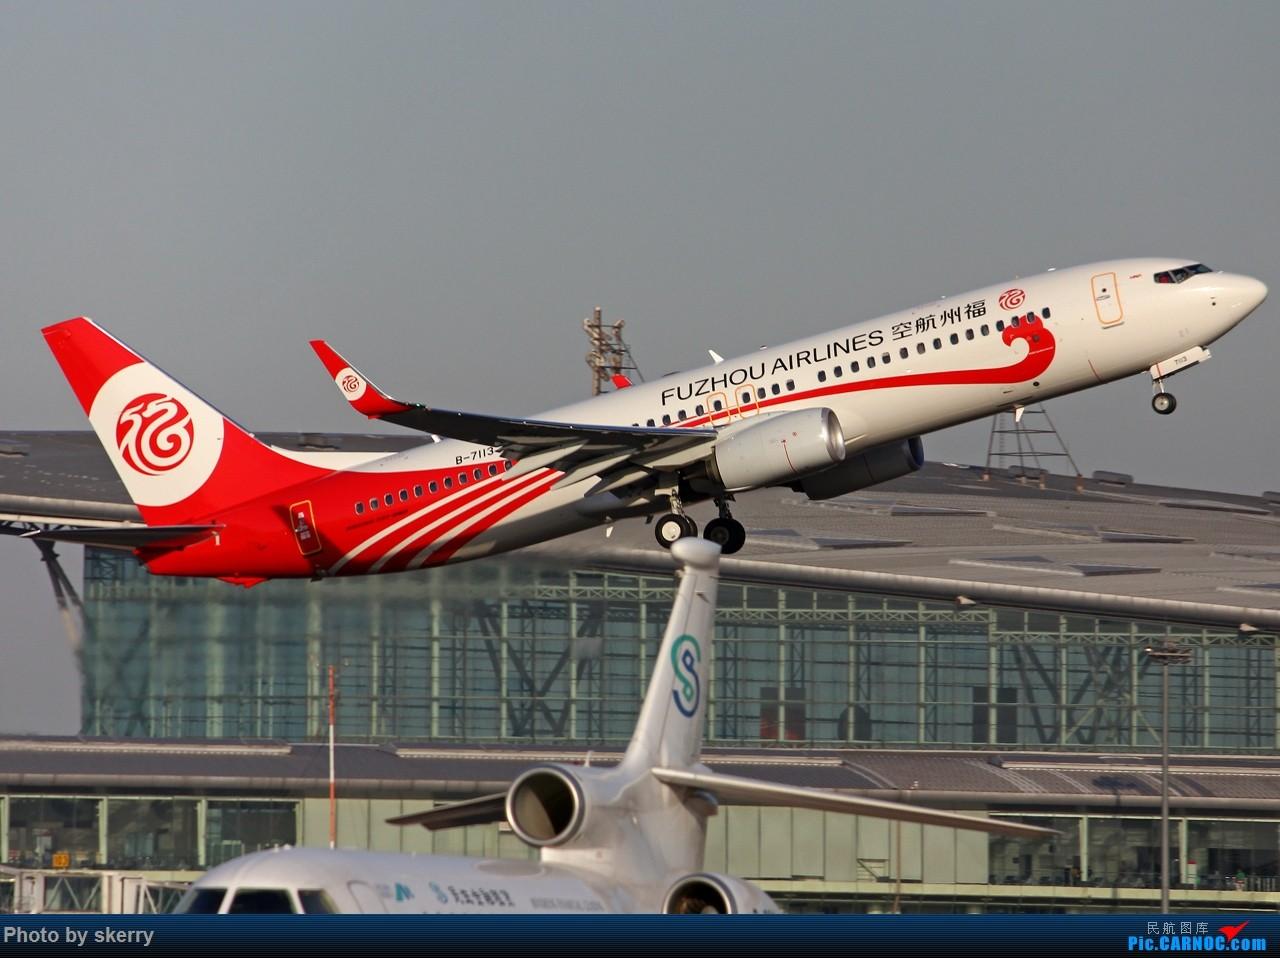 [原创]【TSN飞友会】福龙踏雄鹰!*** BOEING 737-800 B-7113 中国天津滨海国际机场